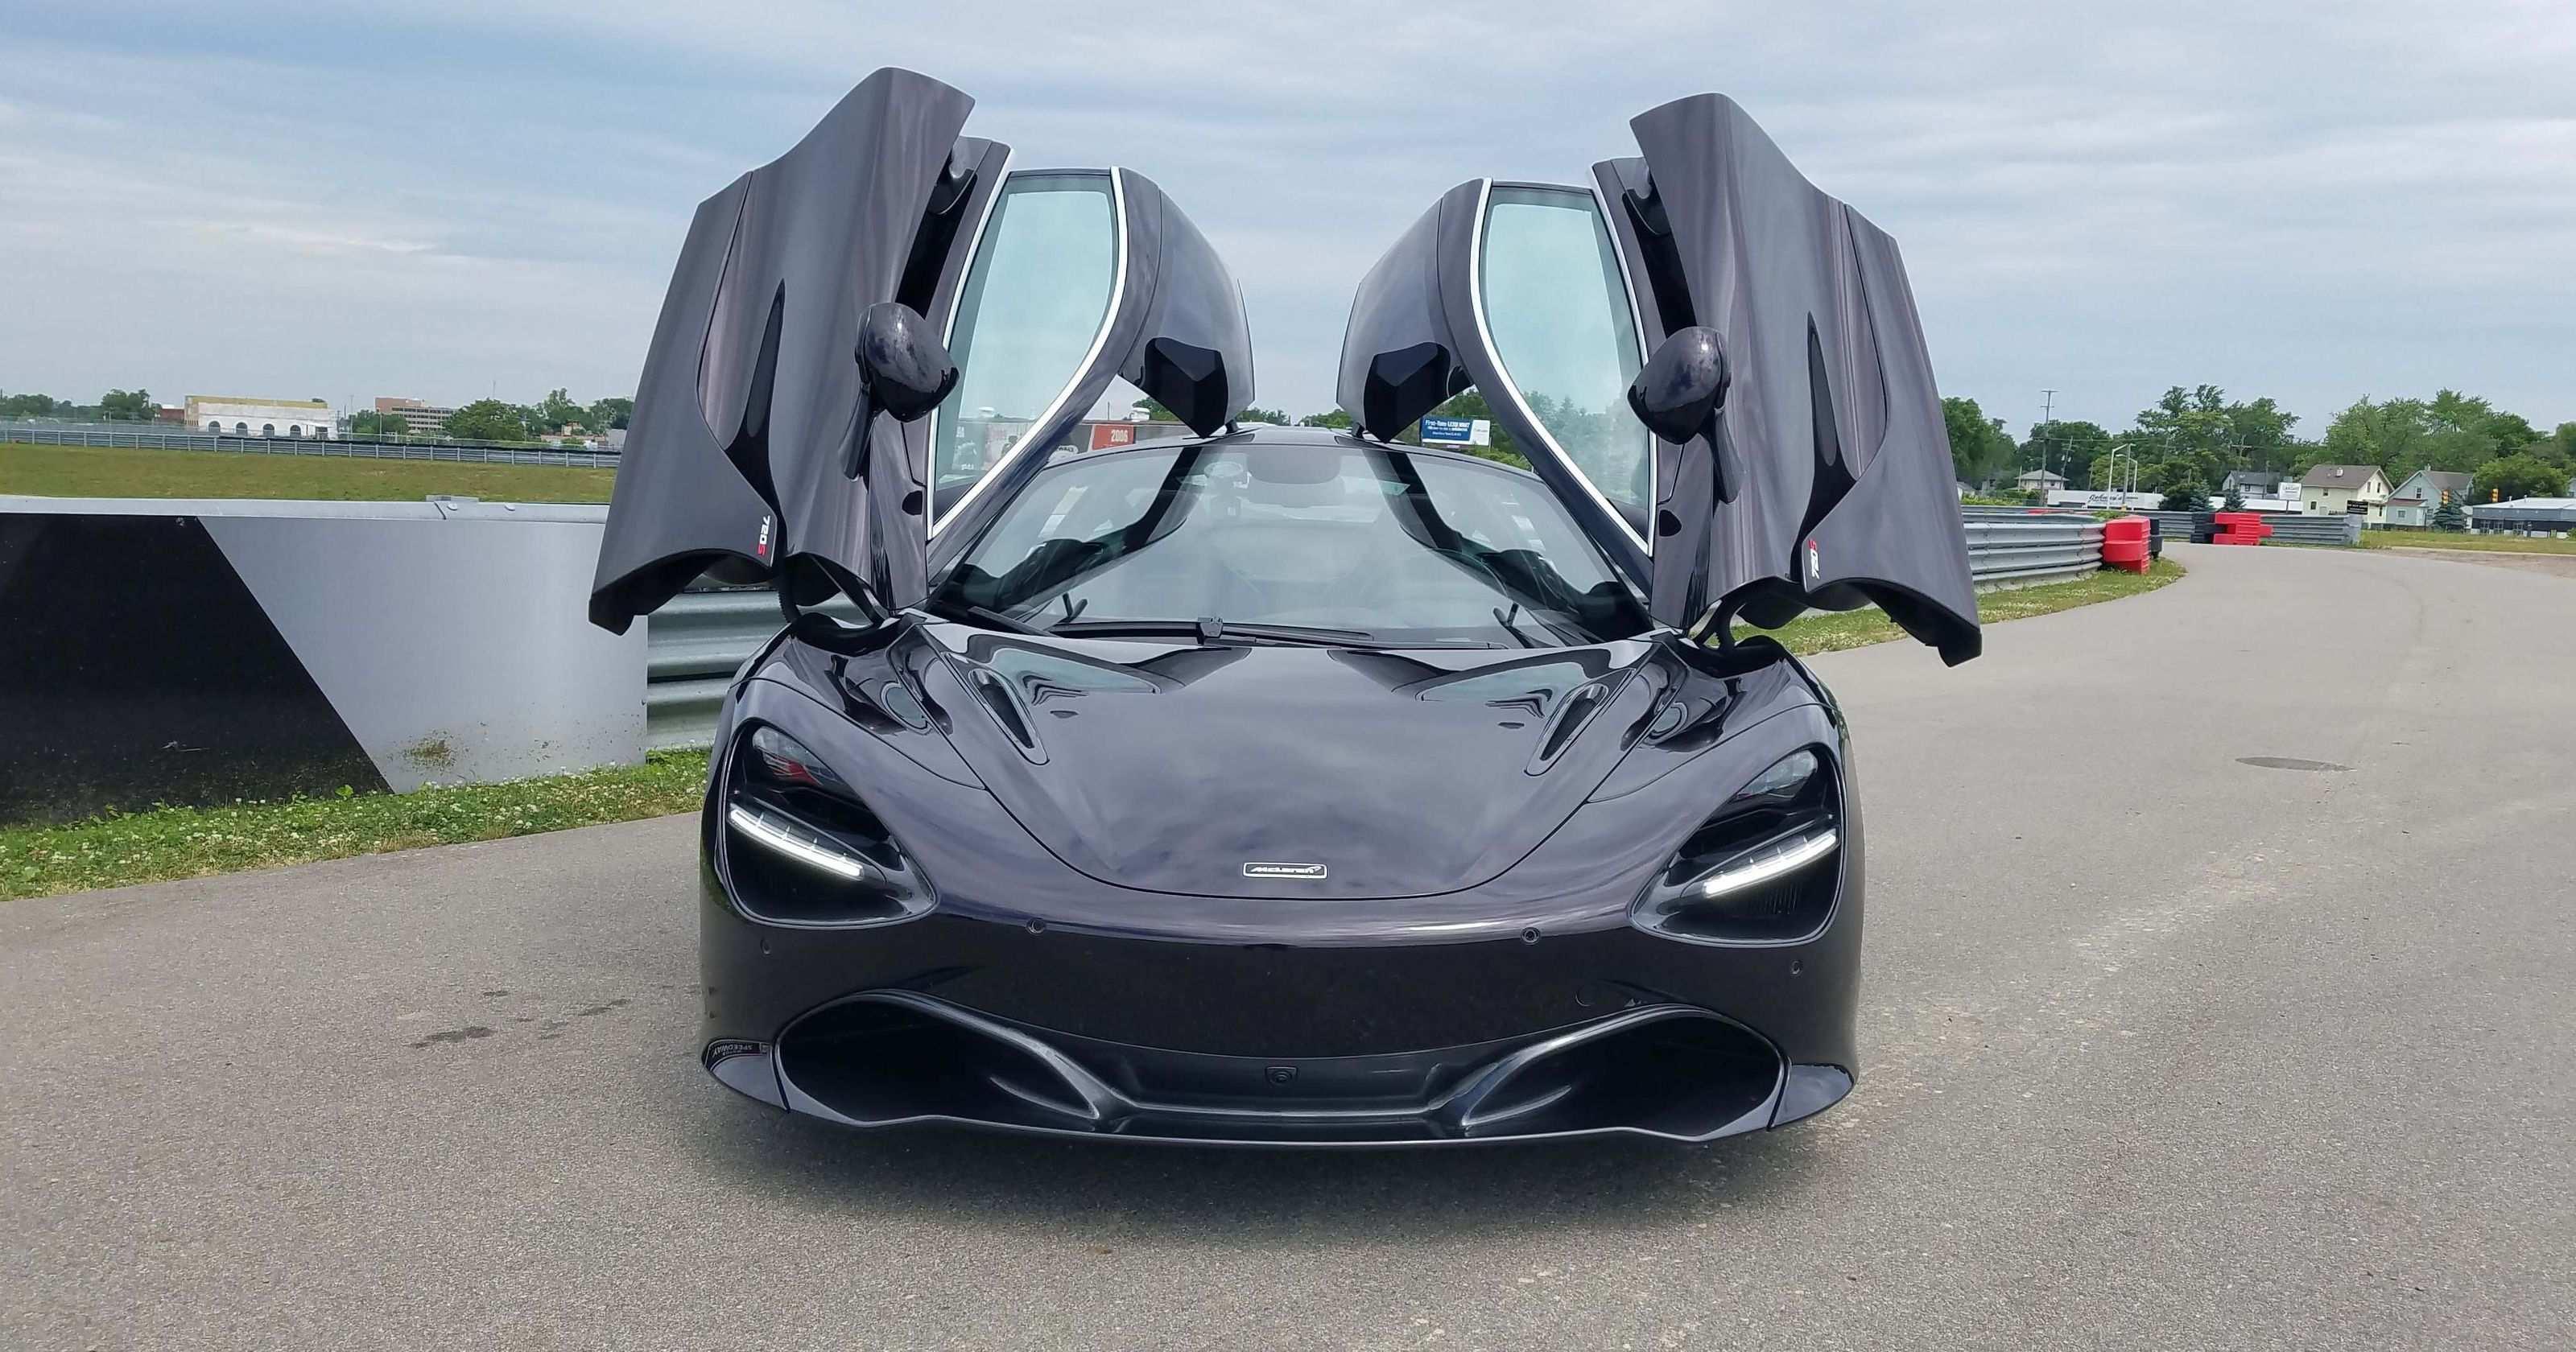 56 Concept of New 2019 Zr1 Vs Dodge Demon Interior Exterior and Interior by New 2019 Zr1 Vs Dodge Demon Interior